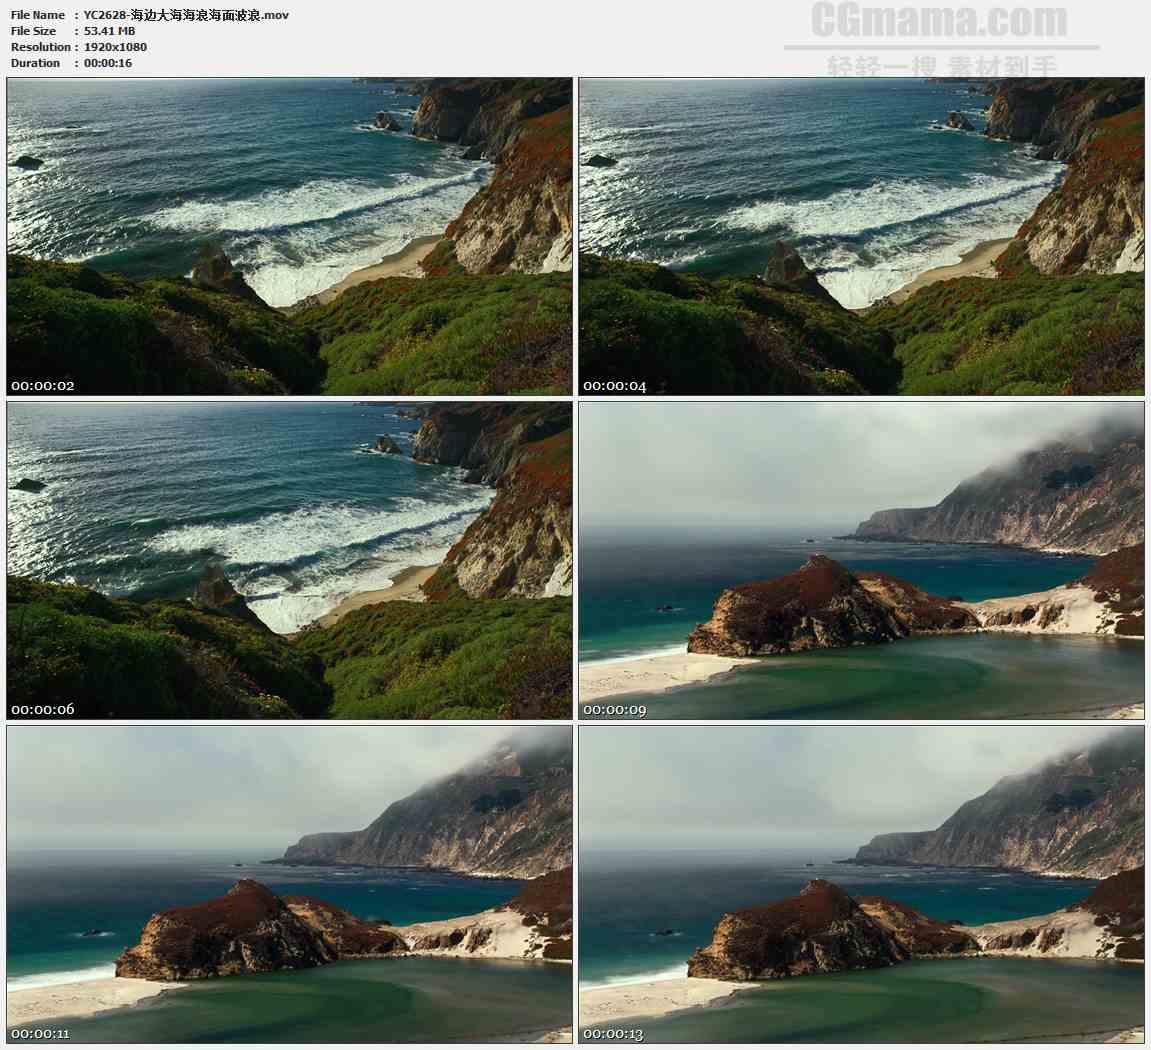 yc2628-海边大海海浪海面波浪高清实拍视频素材